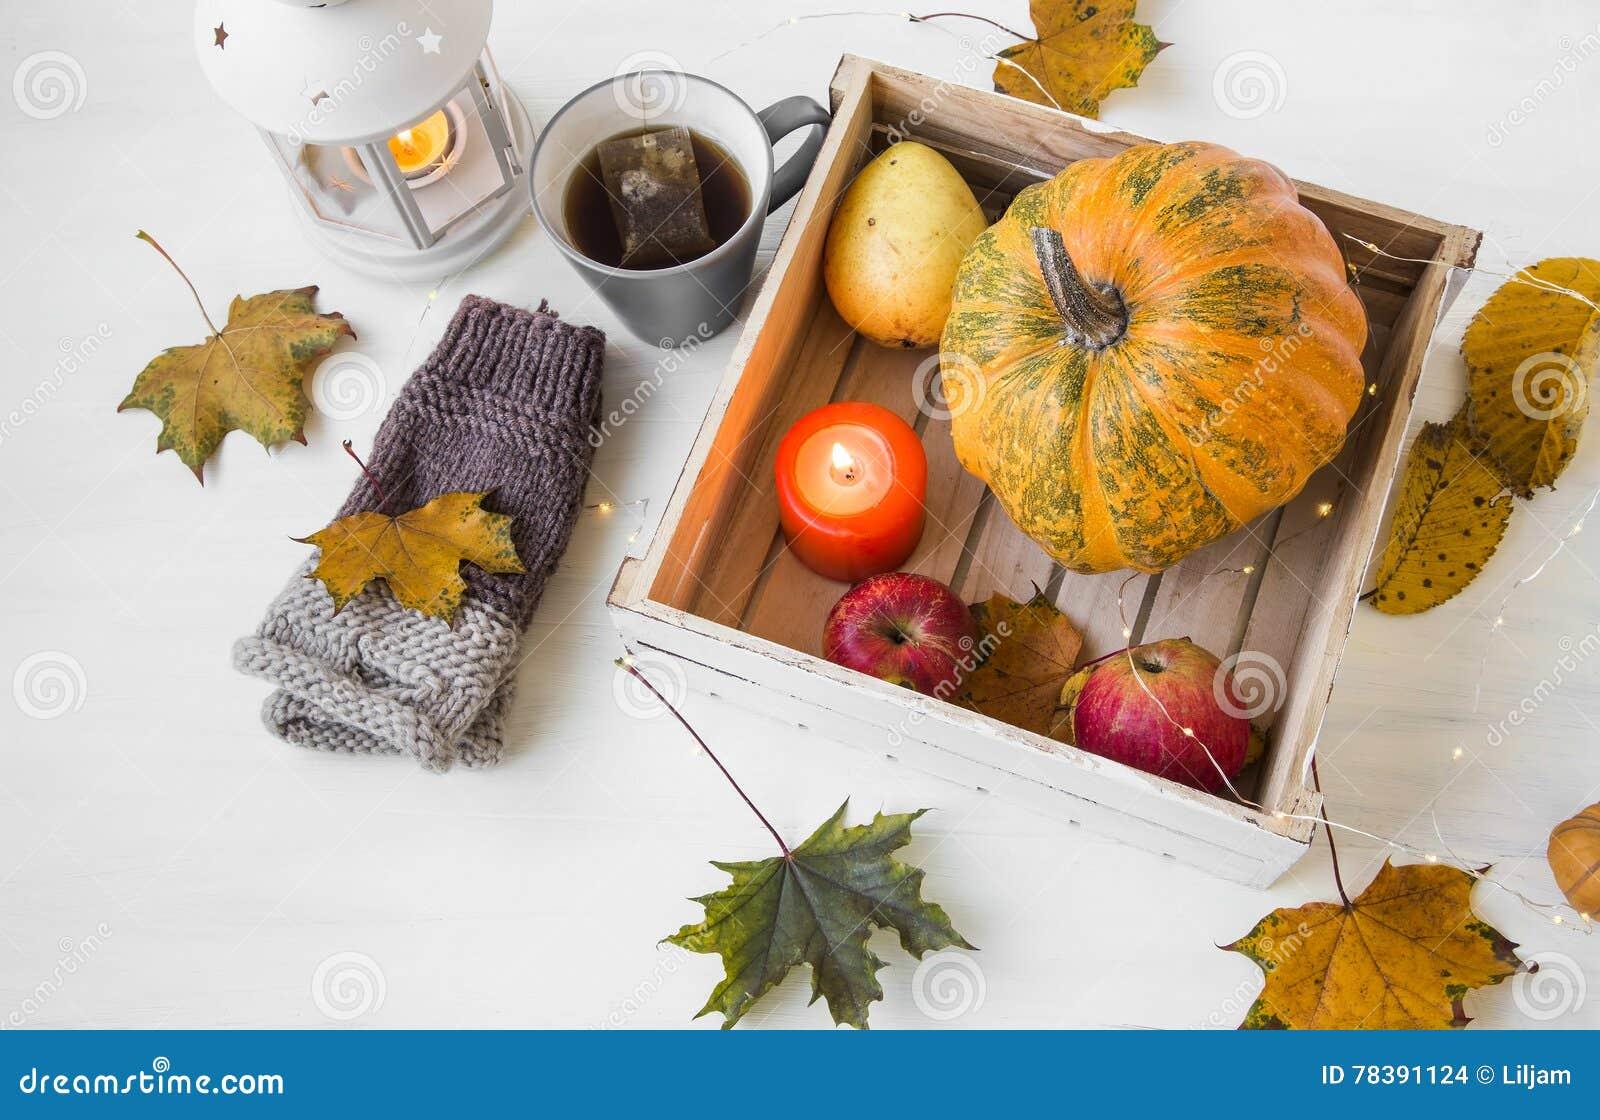 Herbstdekor Mit Kerze Kurbis Laterne Tasse Tee Und Fall Stockfoto Bild Von Kerze Kurbis 78391124